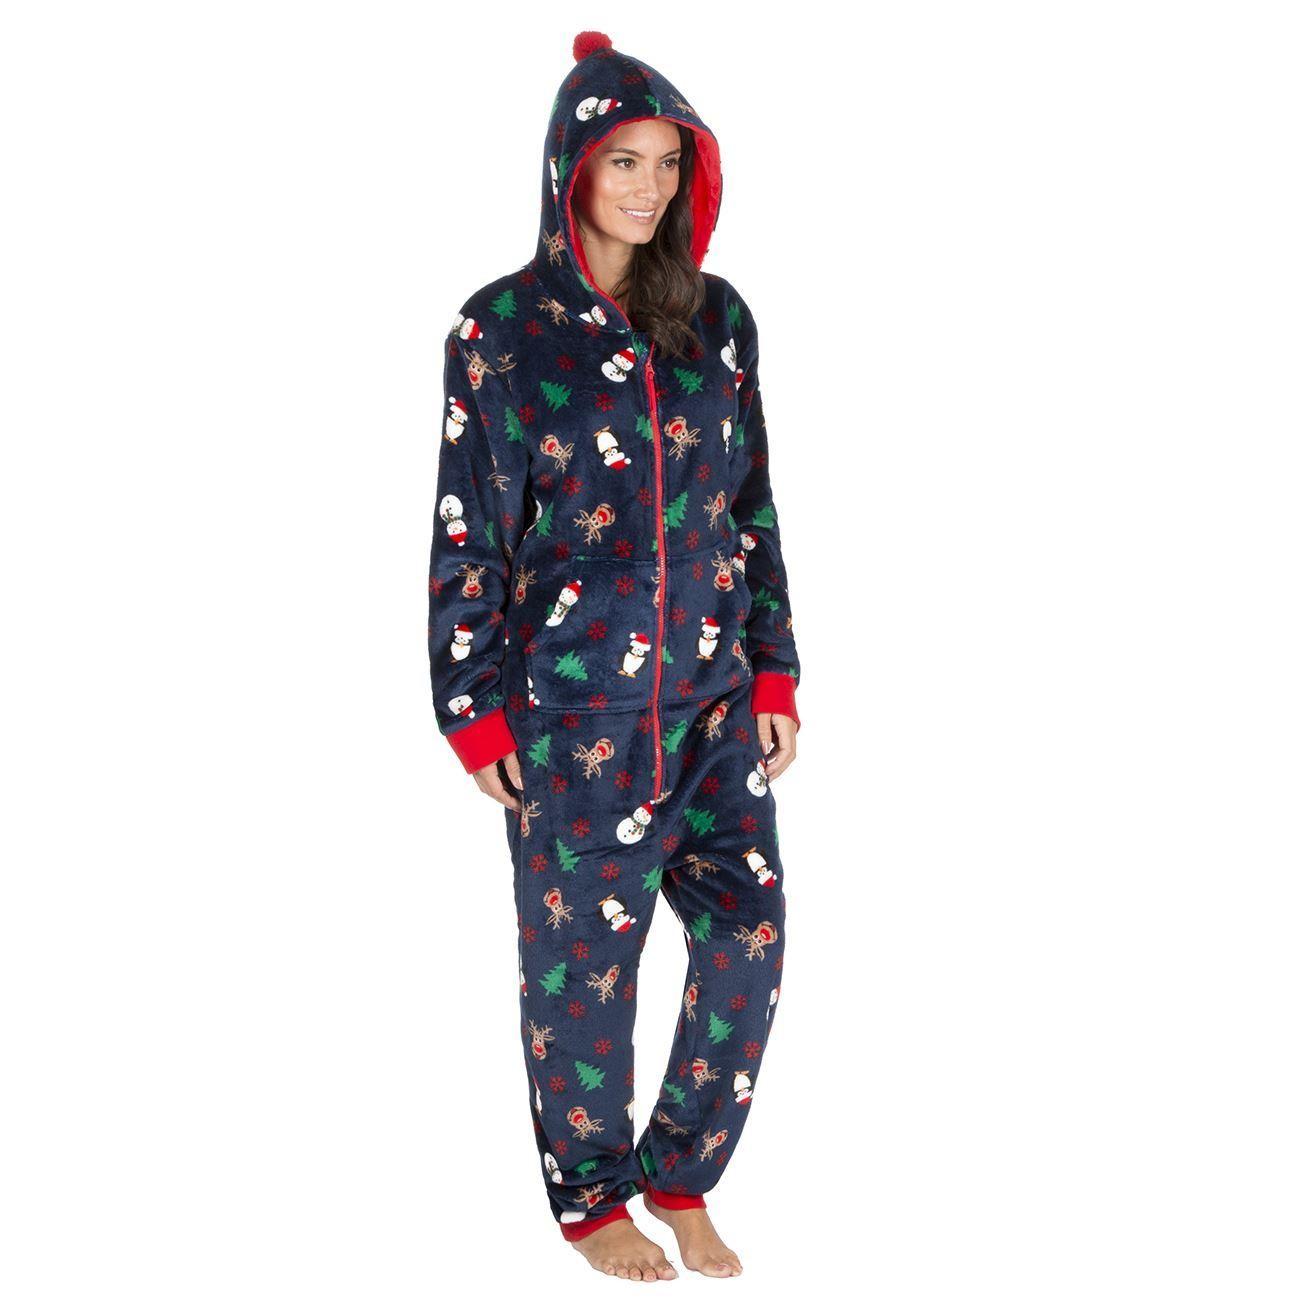 Onezee Christmas Flannel Fleece Onesie - Navy